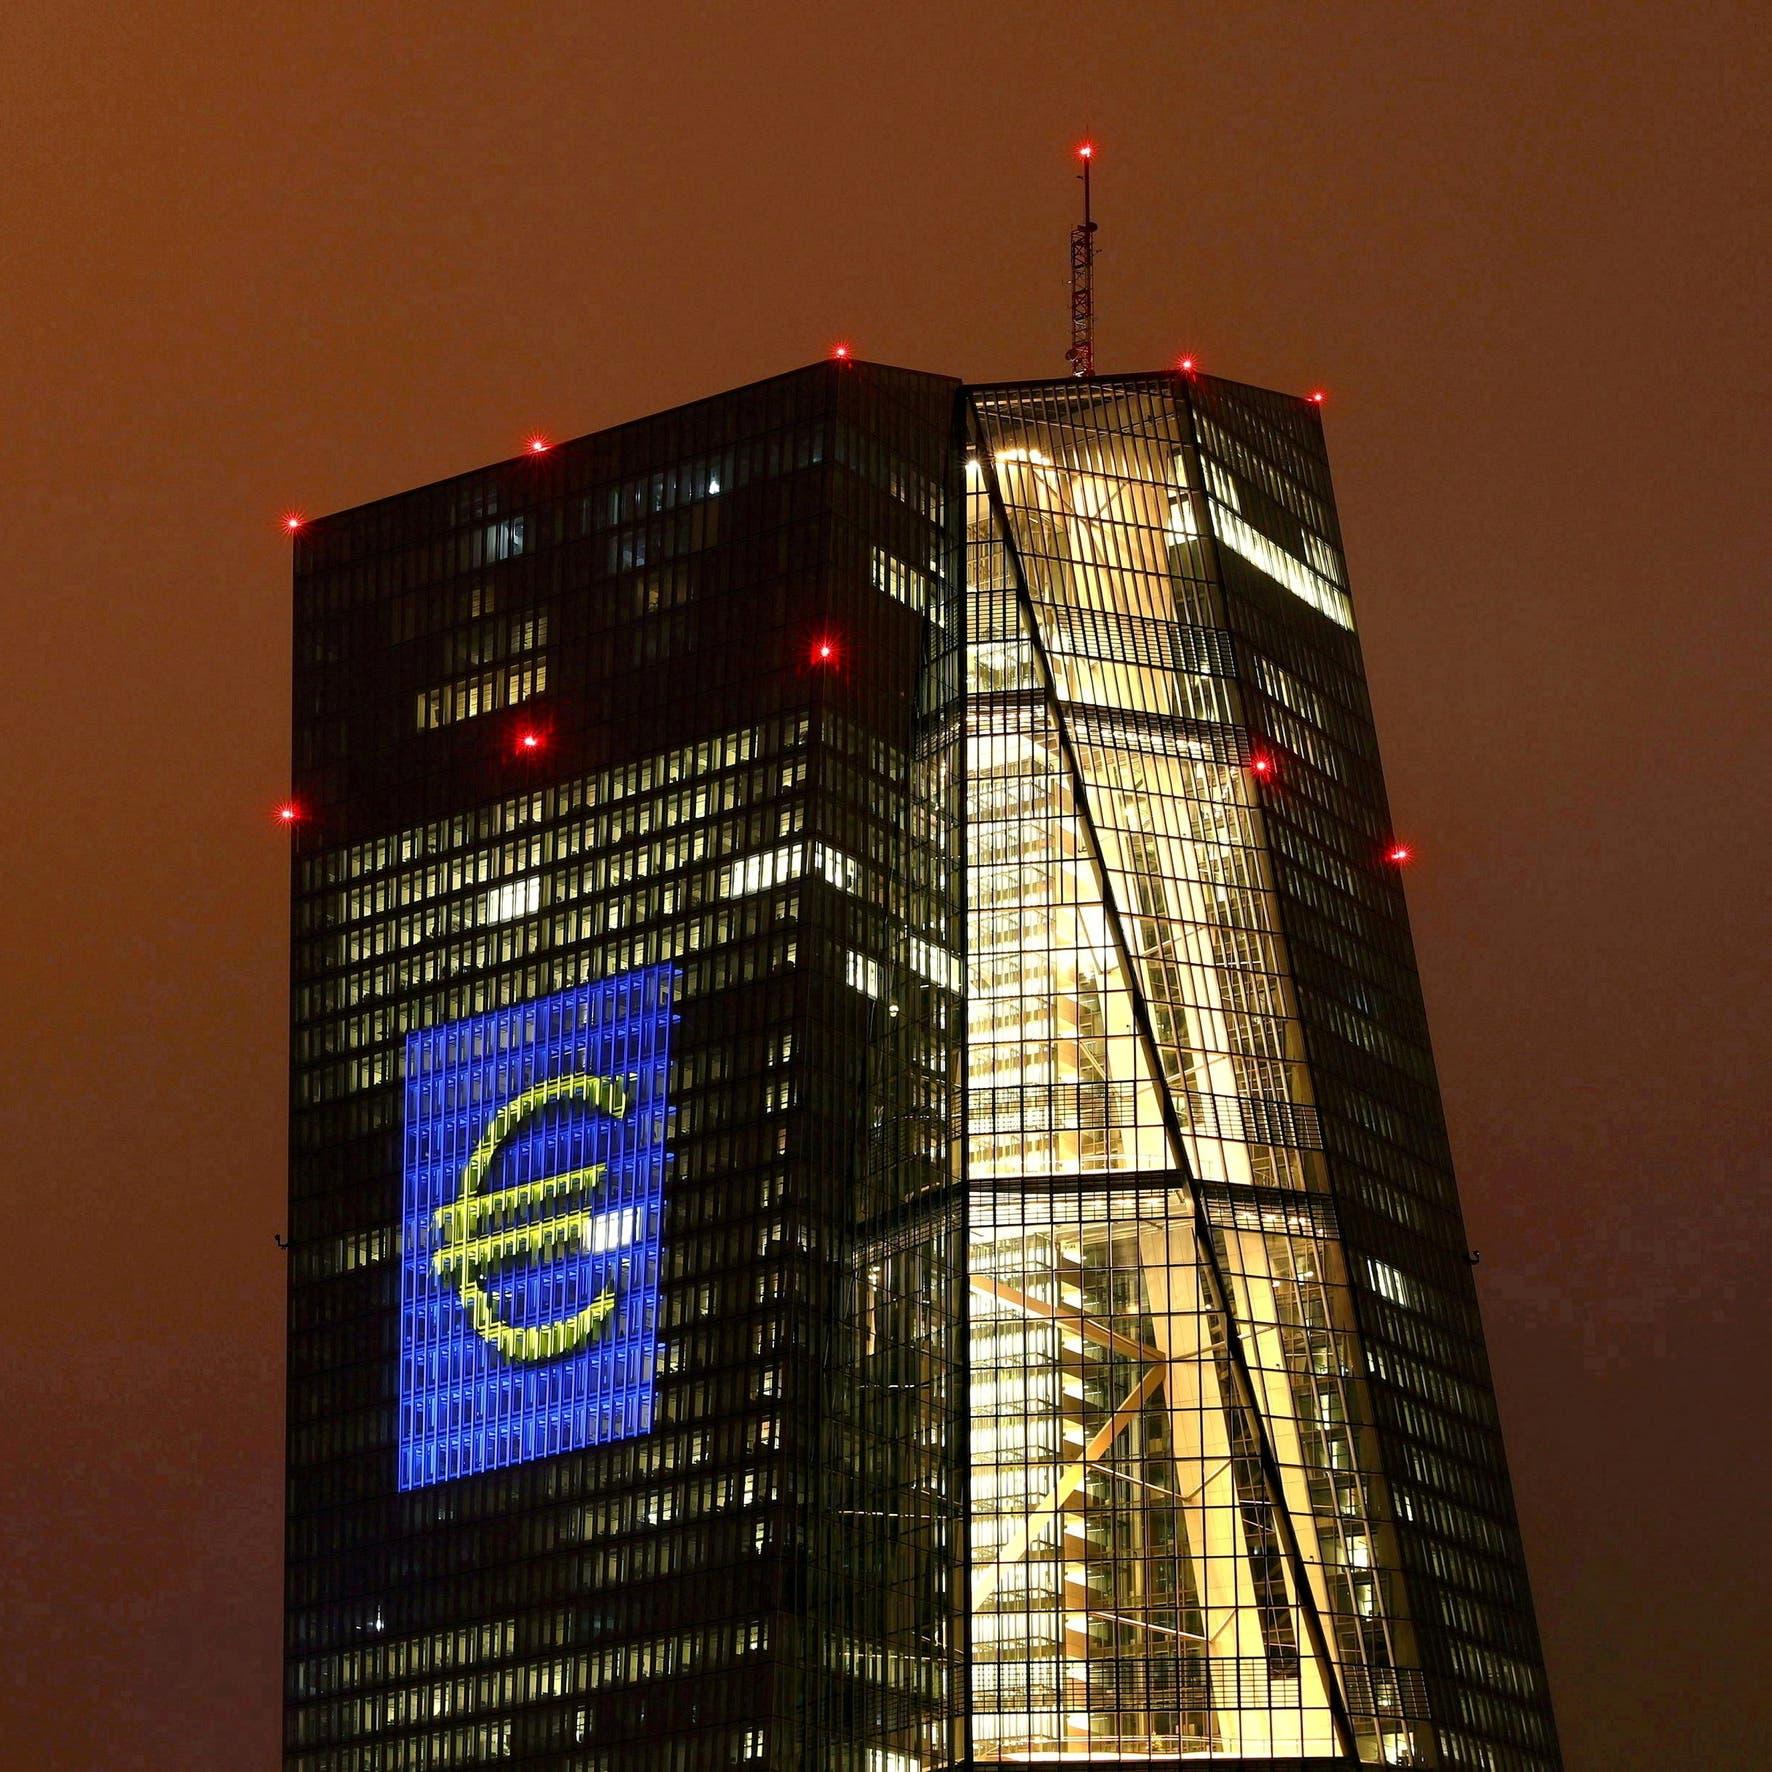 البنوك المركزية الكبرى تجتمع الأسبوع الجاري... هل ترفع يدها عن الاقتصاد؟